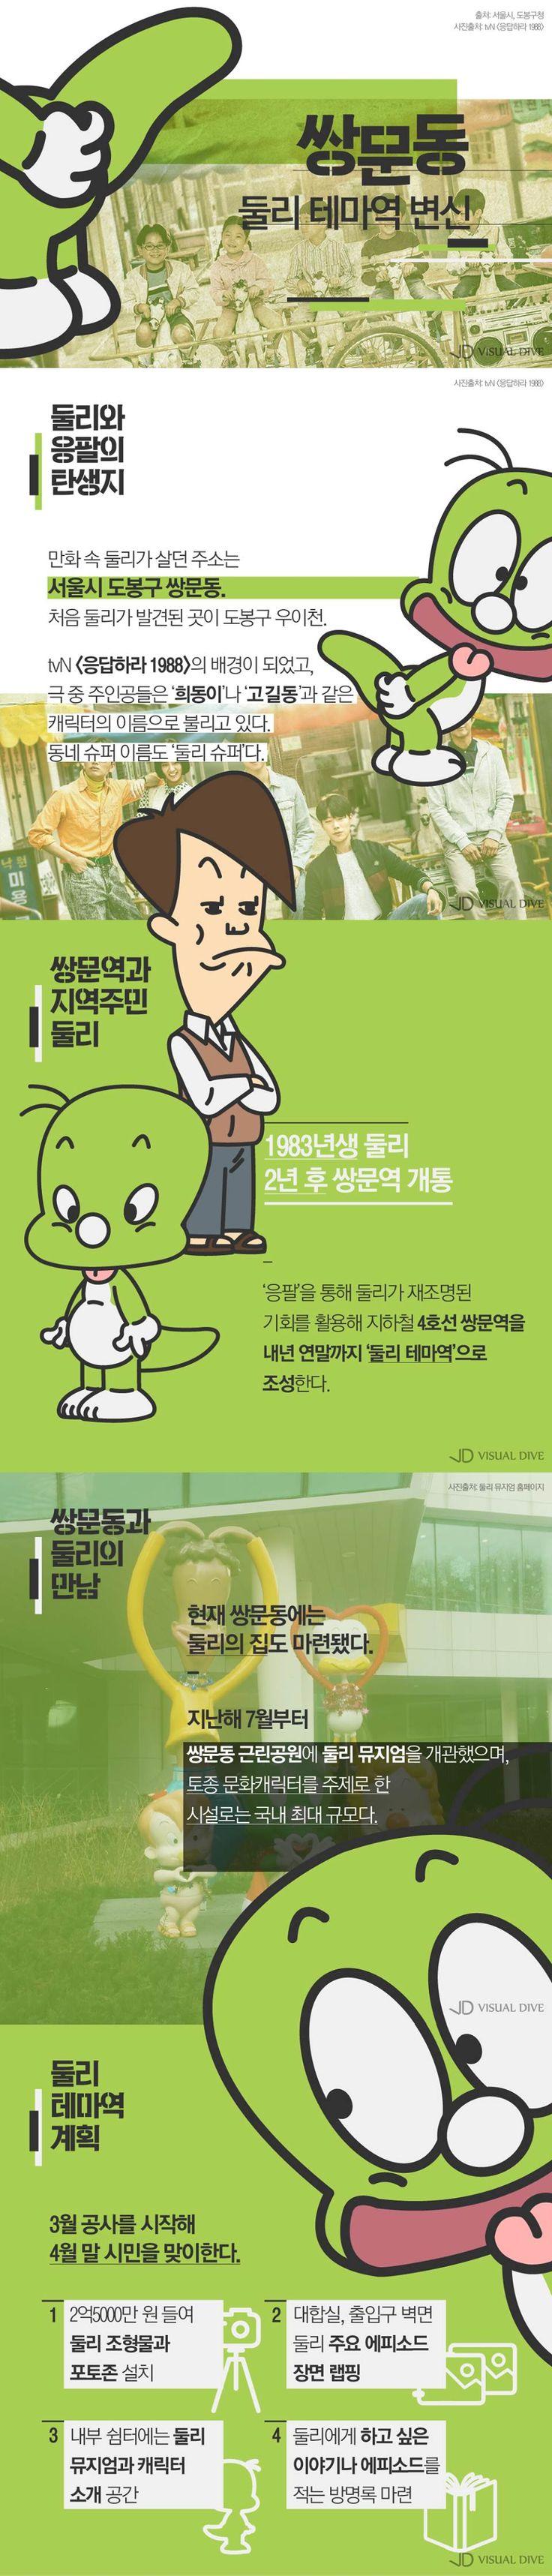 4호선 쌍문역' '둘리 테마역' 된다 [카드뉴스] #dooly / #cardnews ⓒ 비주얼다이브 무단 복사·전재·재배포 금지